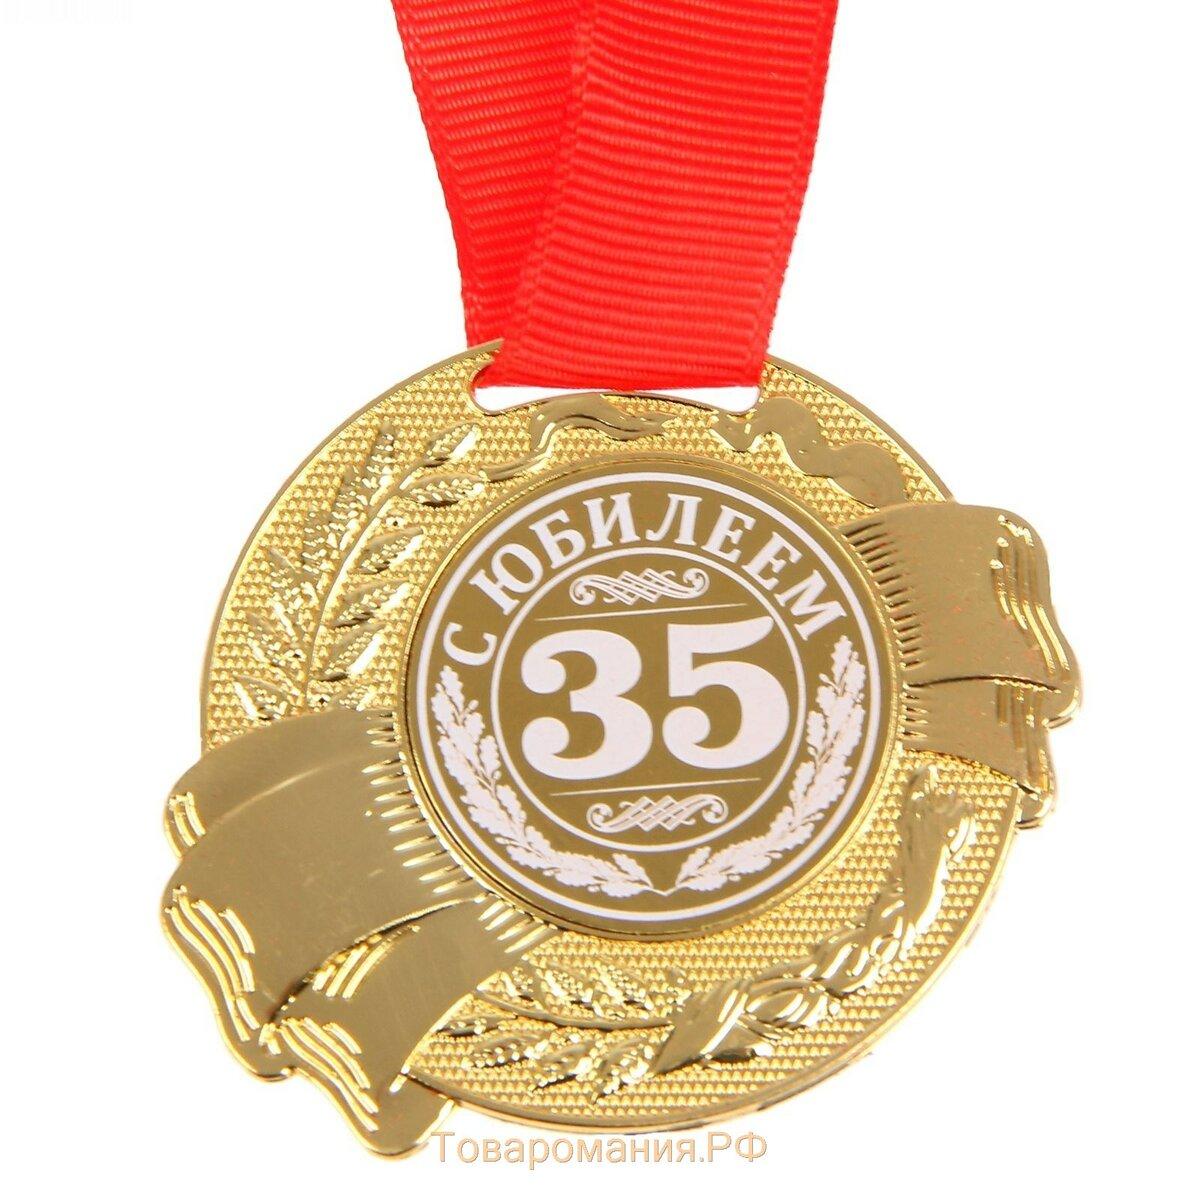 поздравление с медалью в спорте в прозе сильном